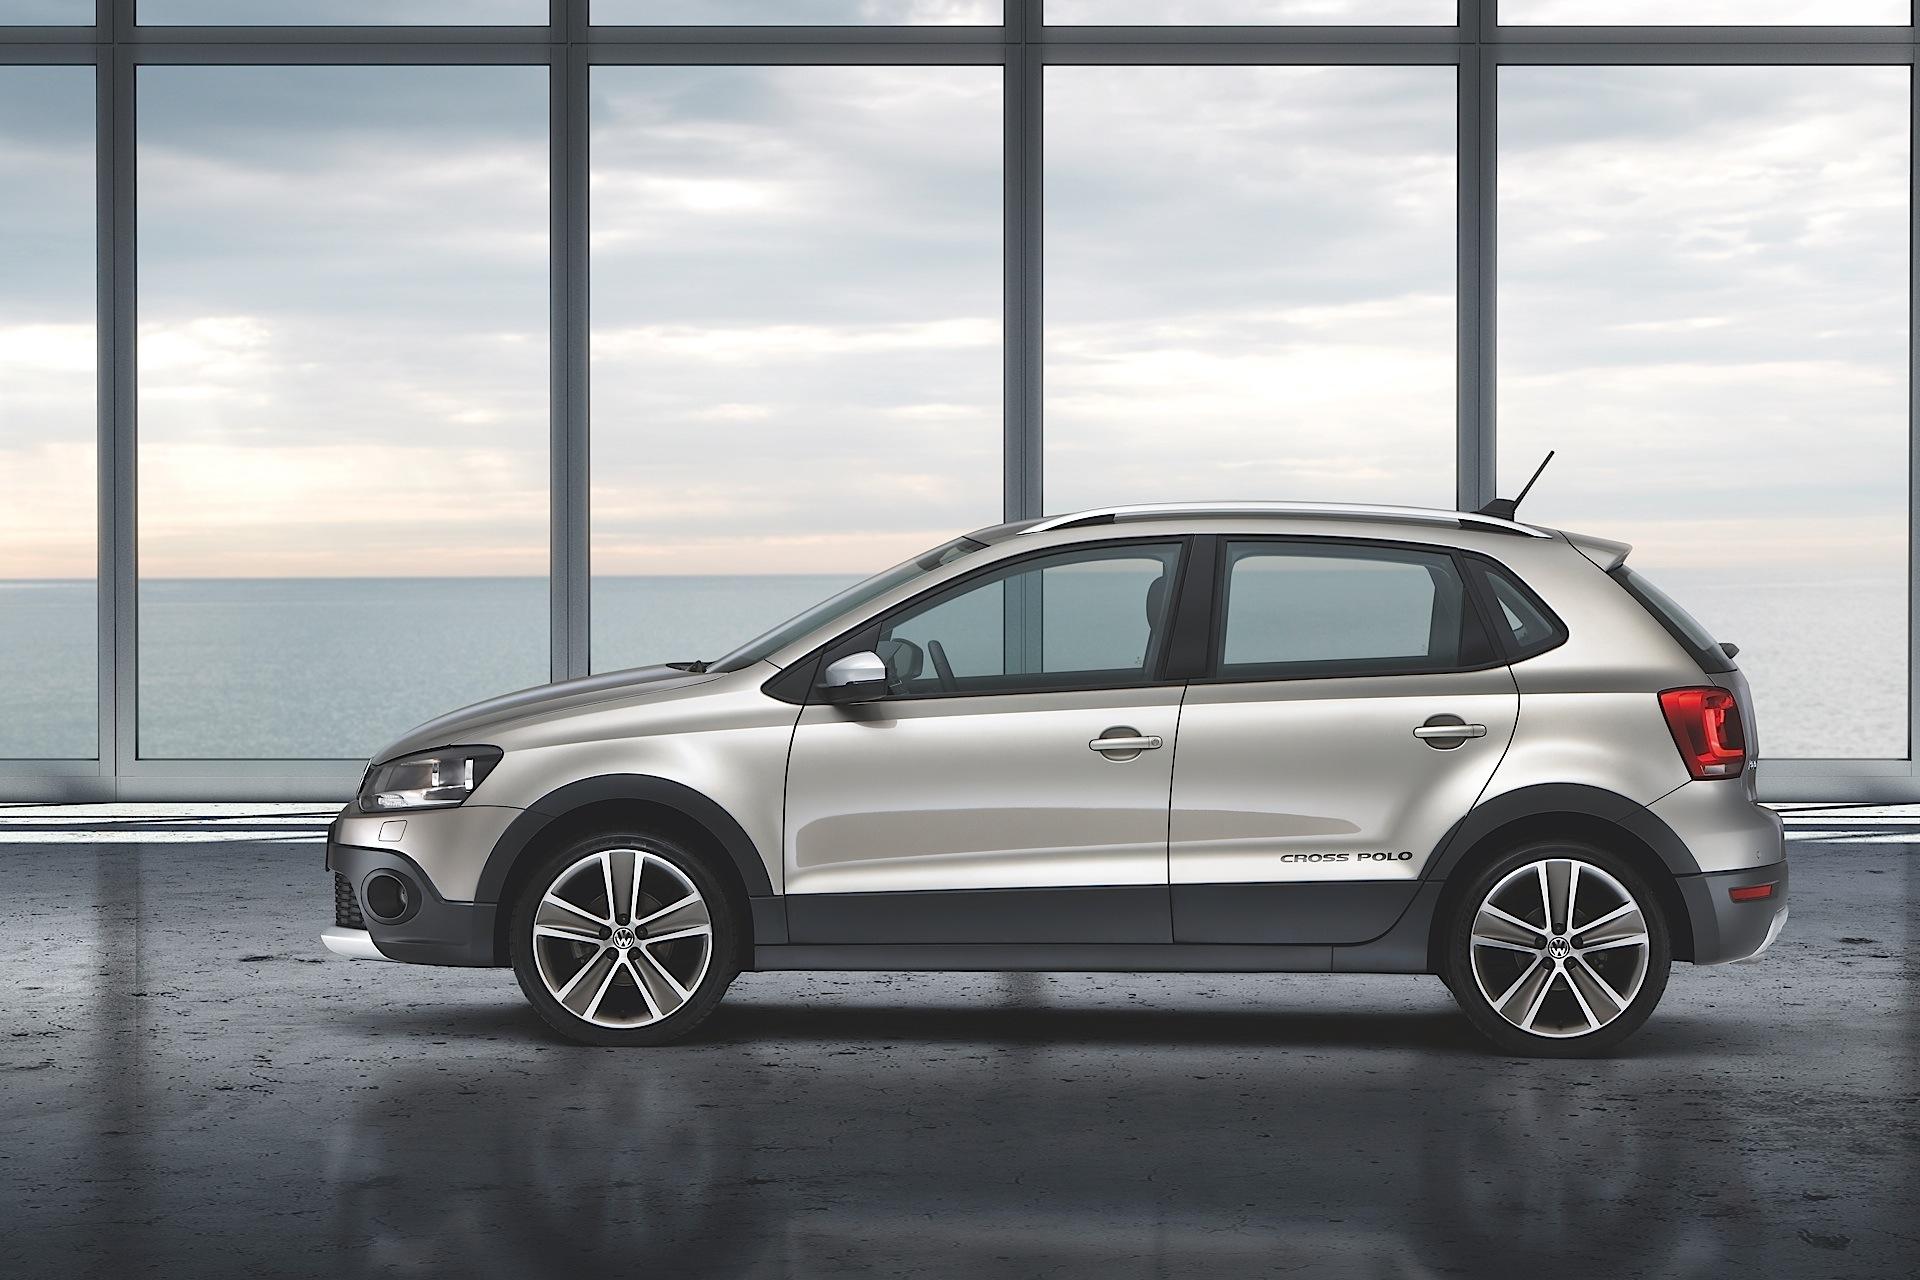 Volkswagen Crosspolo 2010 2011 2012 2013 2014 2015